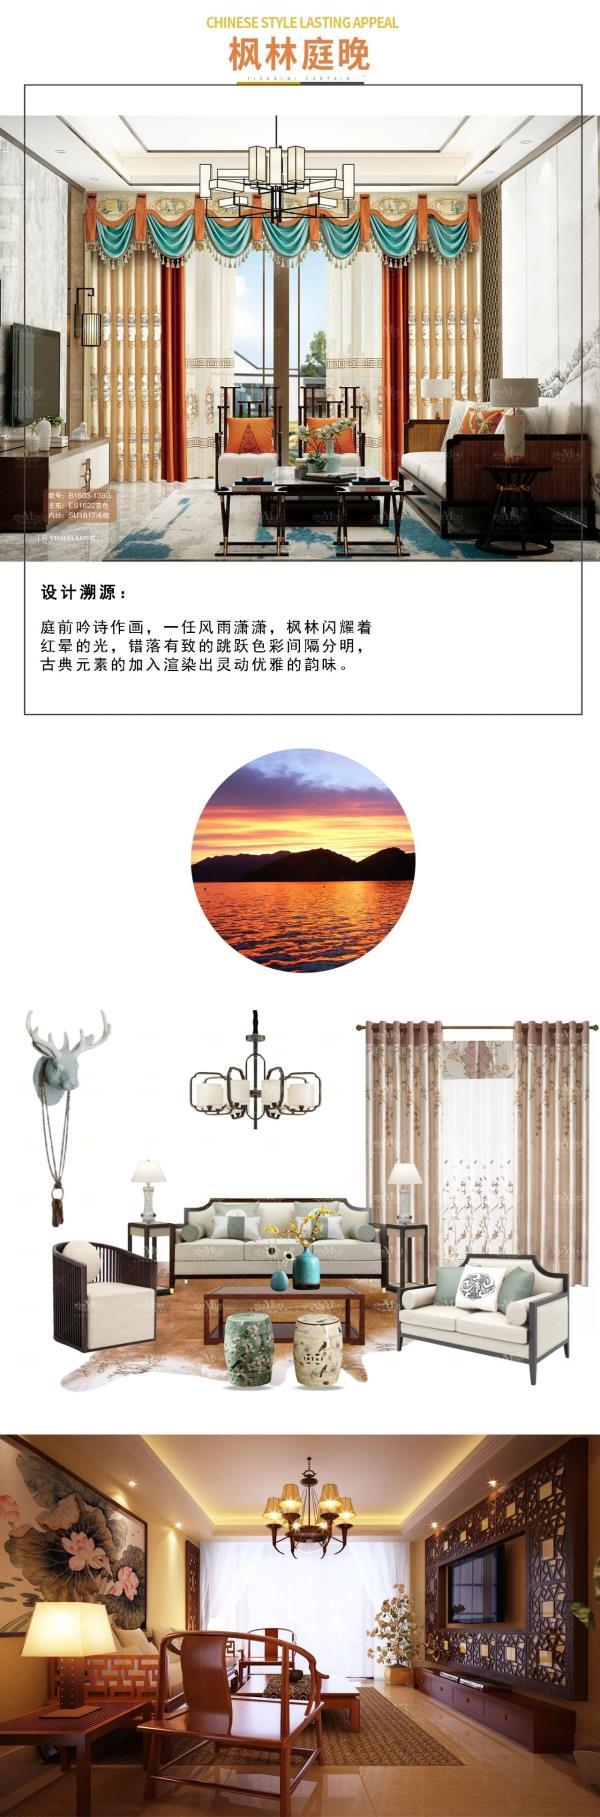 万博manbetx网页登录中式万博manbetx水晶宫